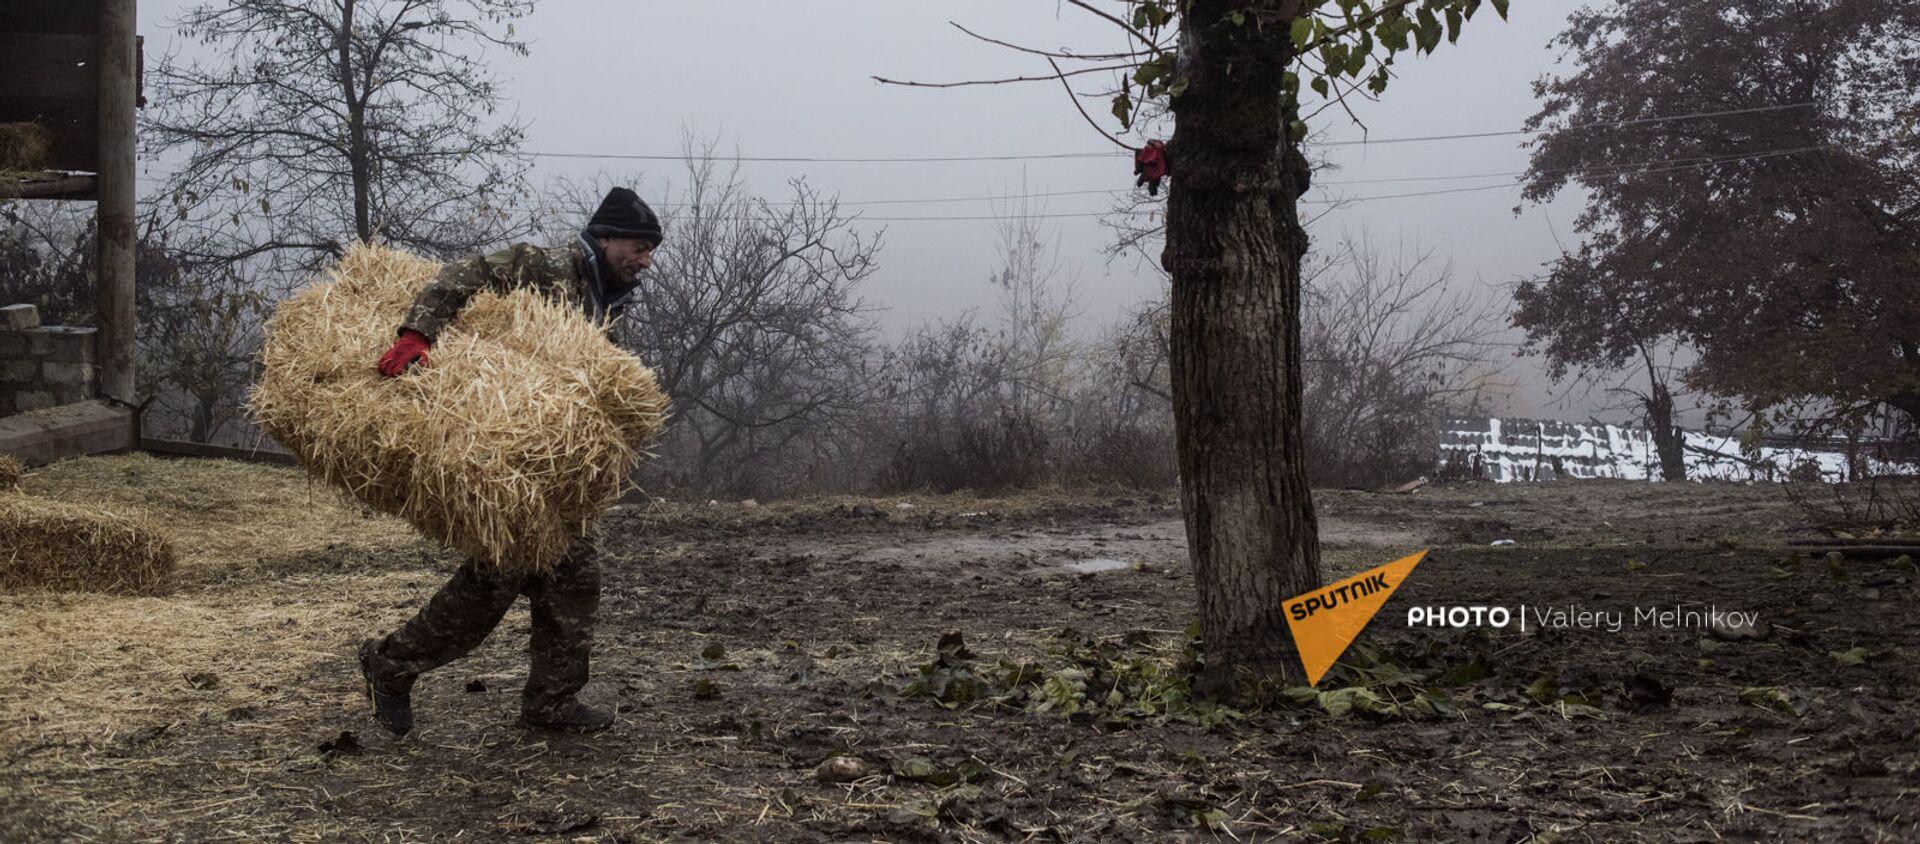 Արցախի Մարտունու շրջանի Թաղավարդ գյուղում տղամարդը տեղափոխում է չոր խոտը - Sputnik Արմենիա, 1920, 16.12.2020